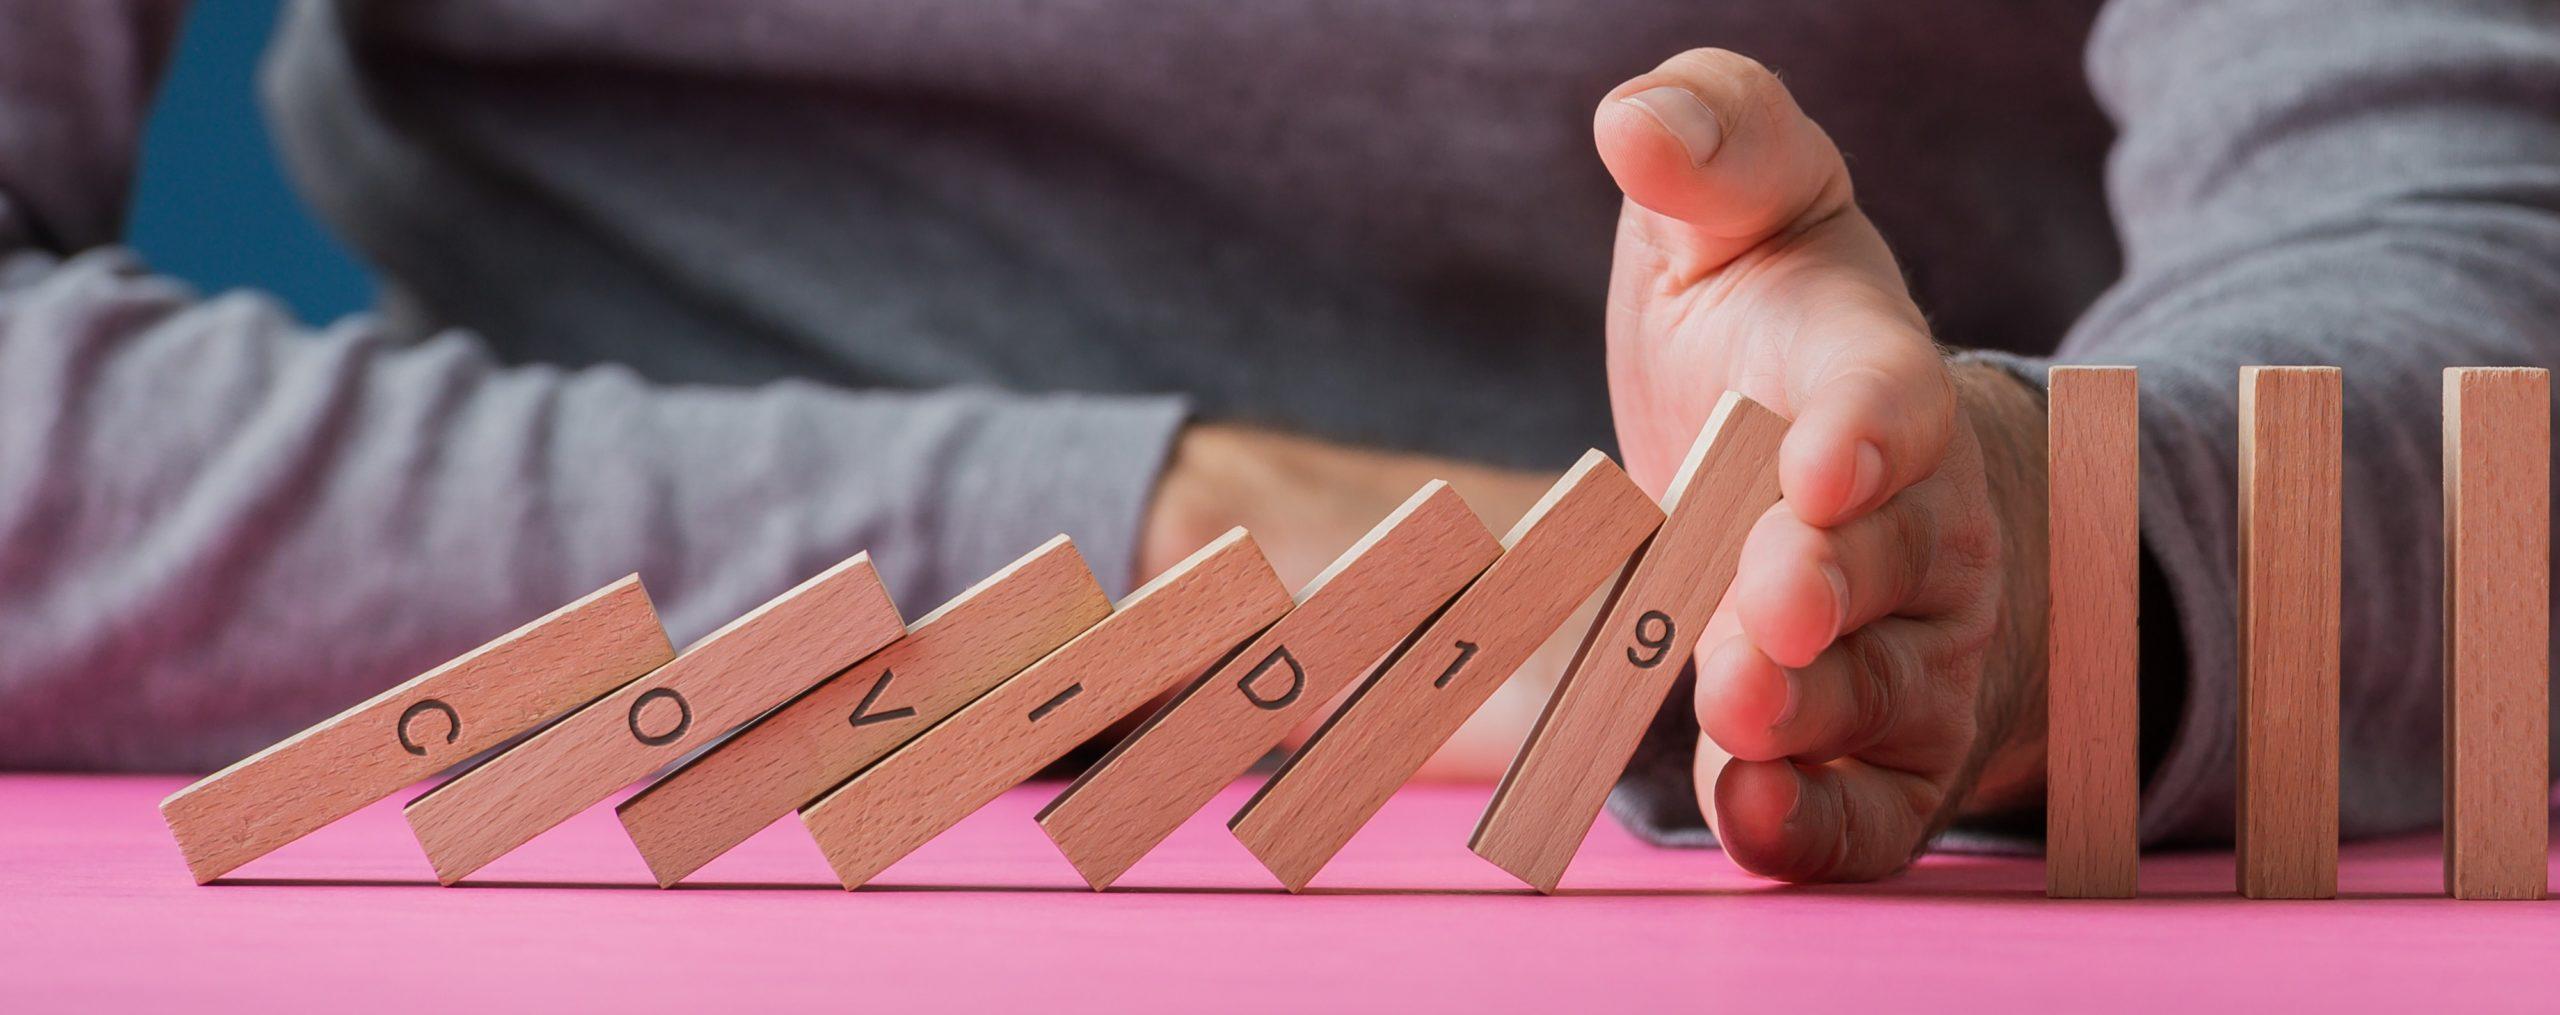 Preventing Covid domino effect